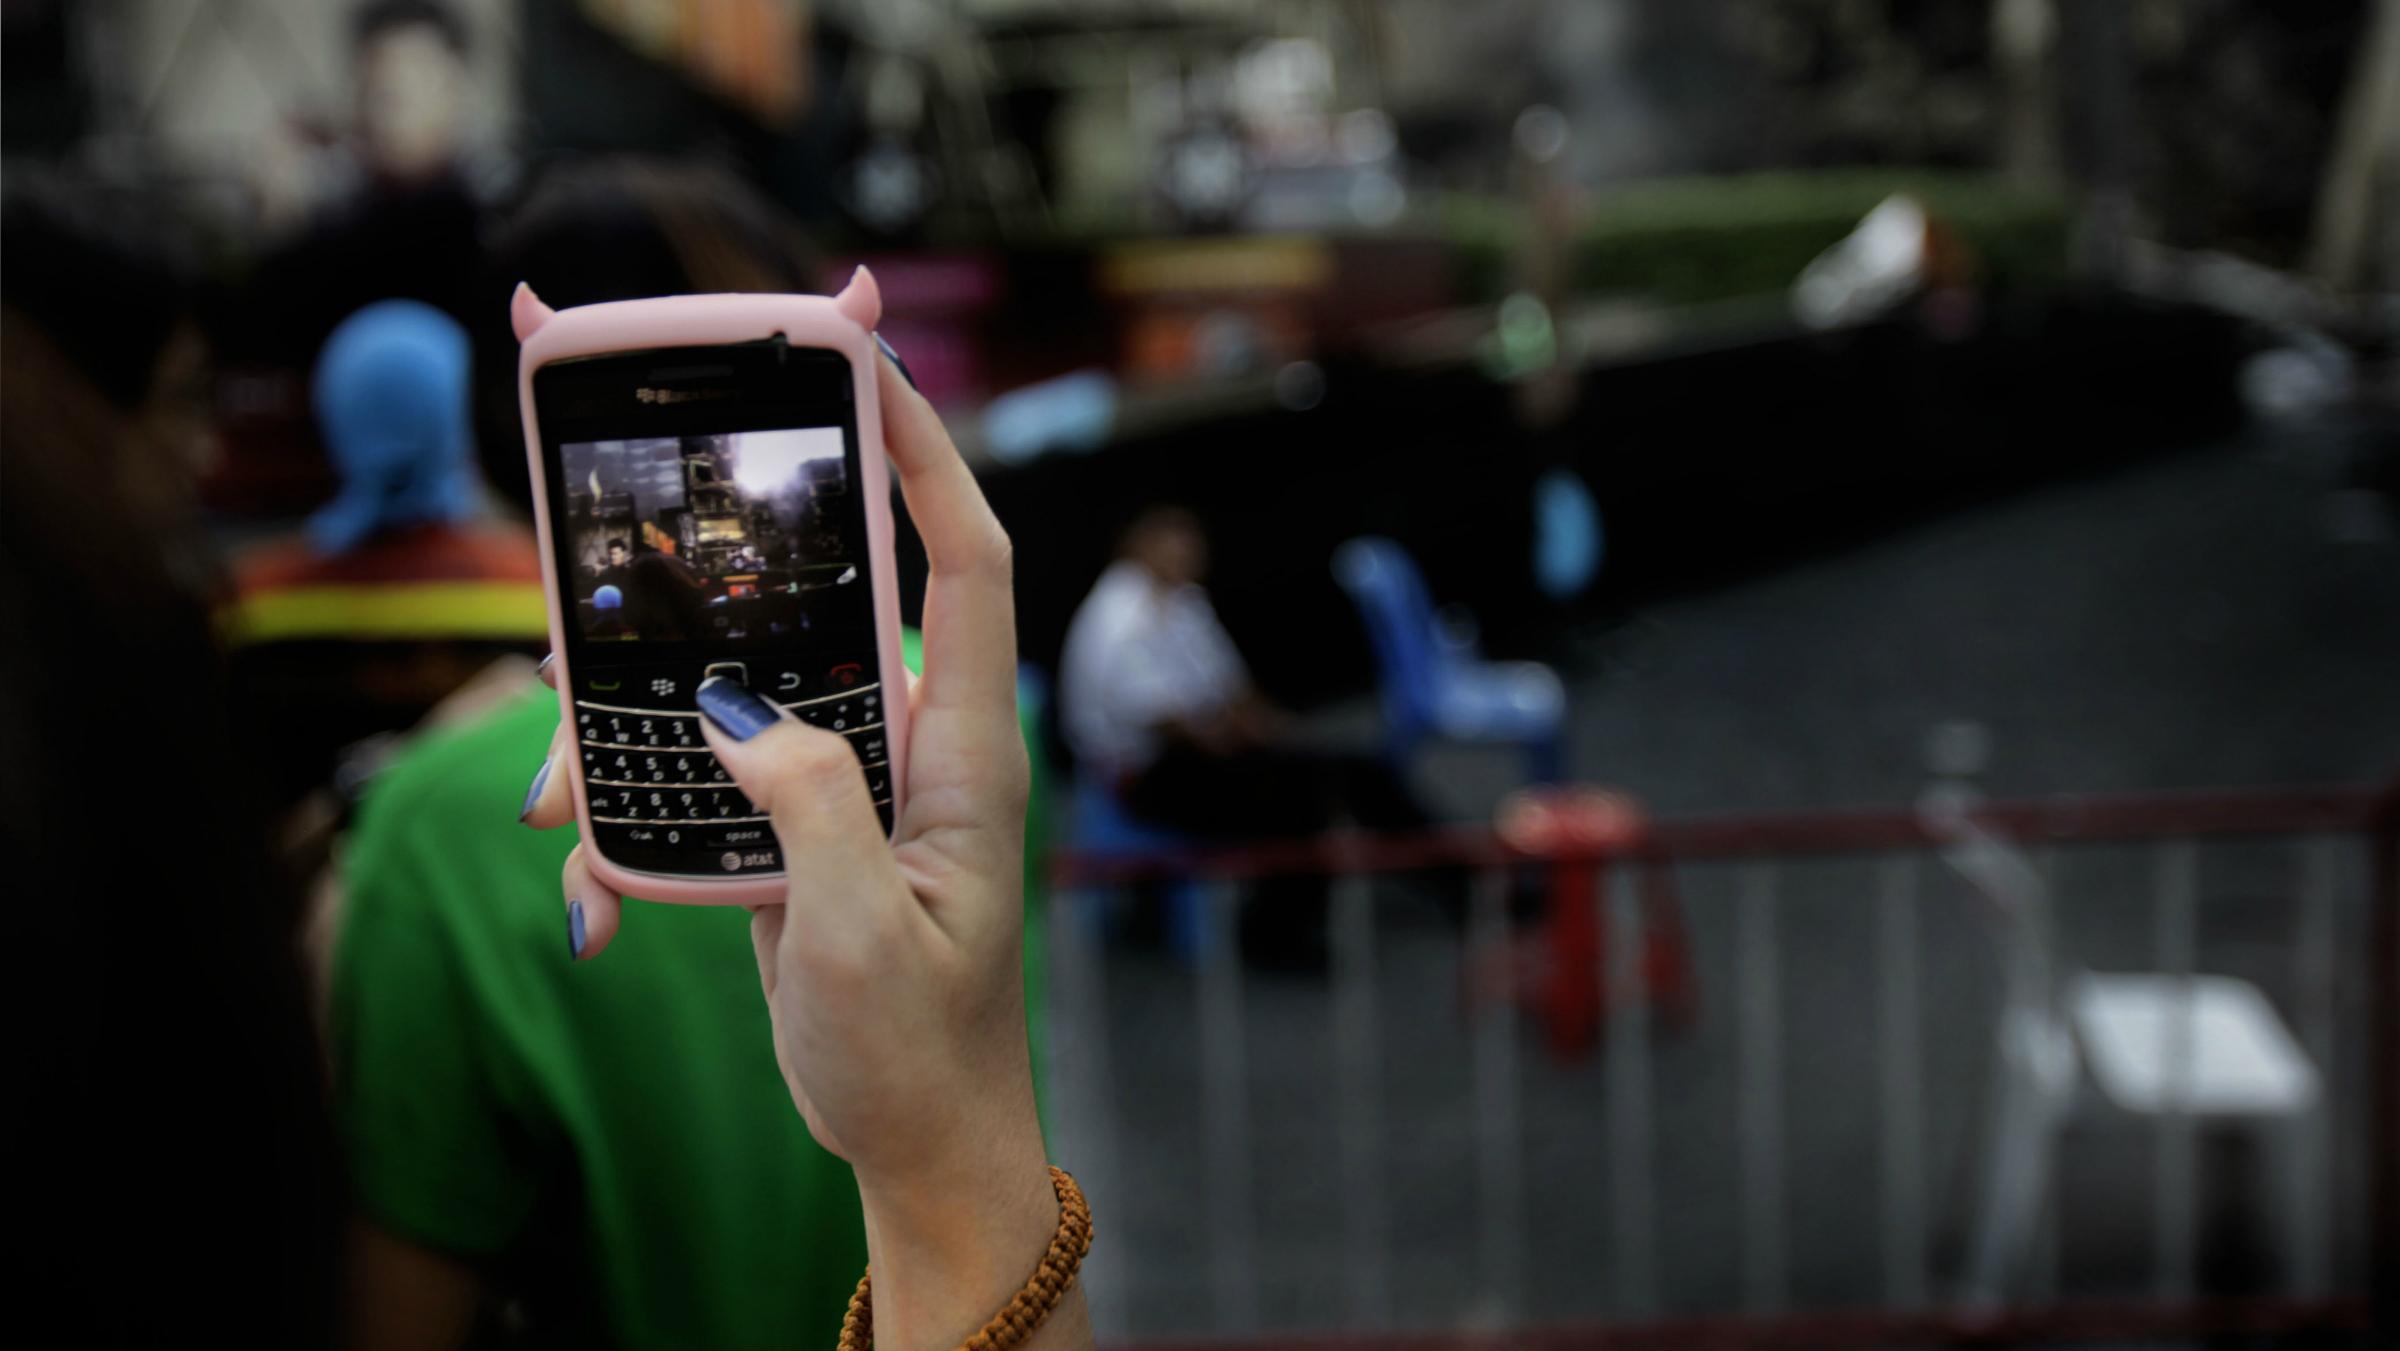 ThailandSmartphone